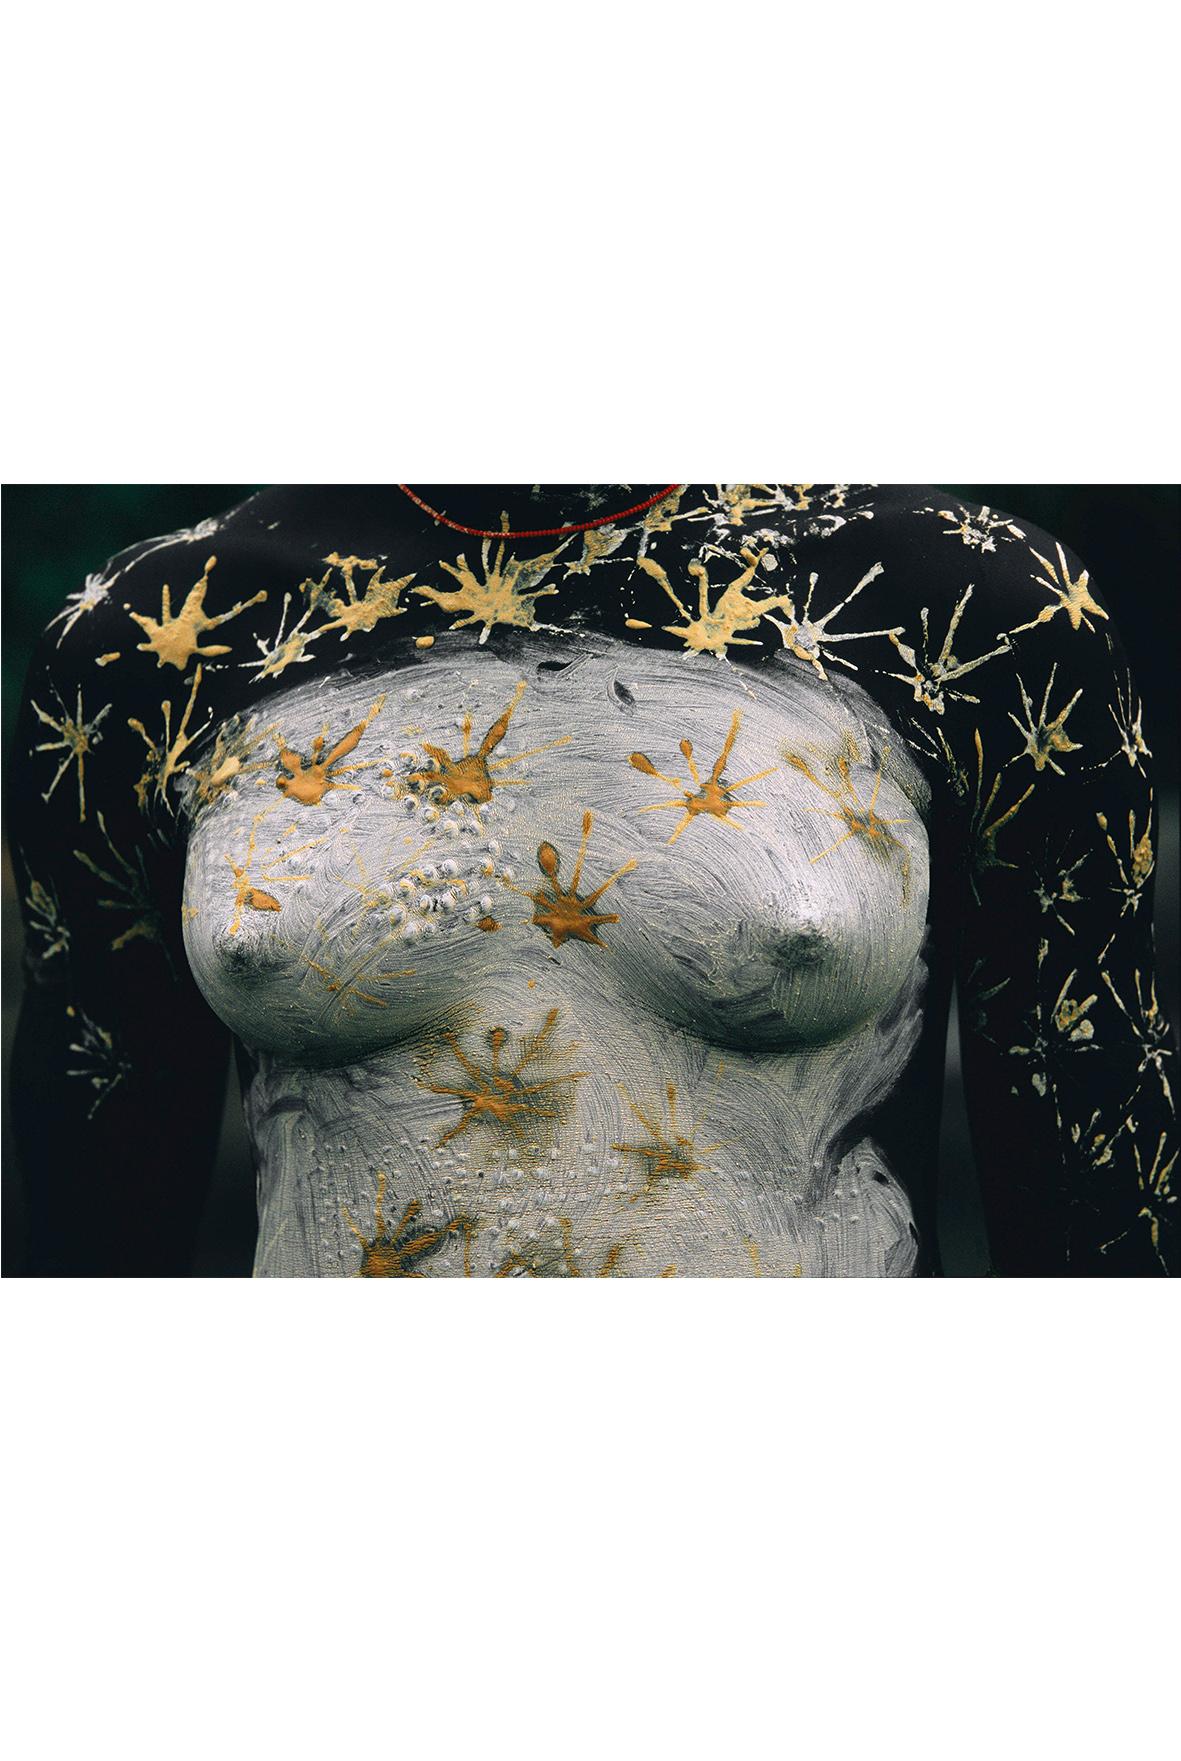 Corps peints de la vallée de l'Omo, galerie d'art lyon, art contemporain lyon, galerie Lyon